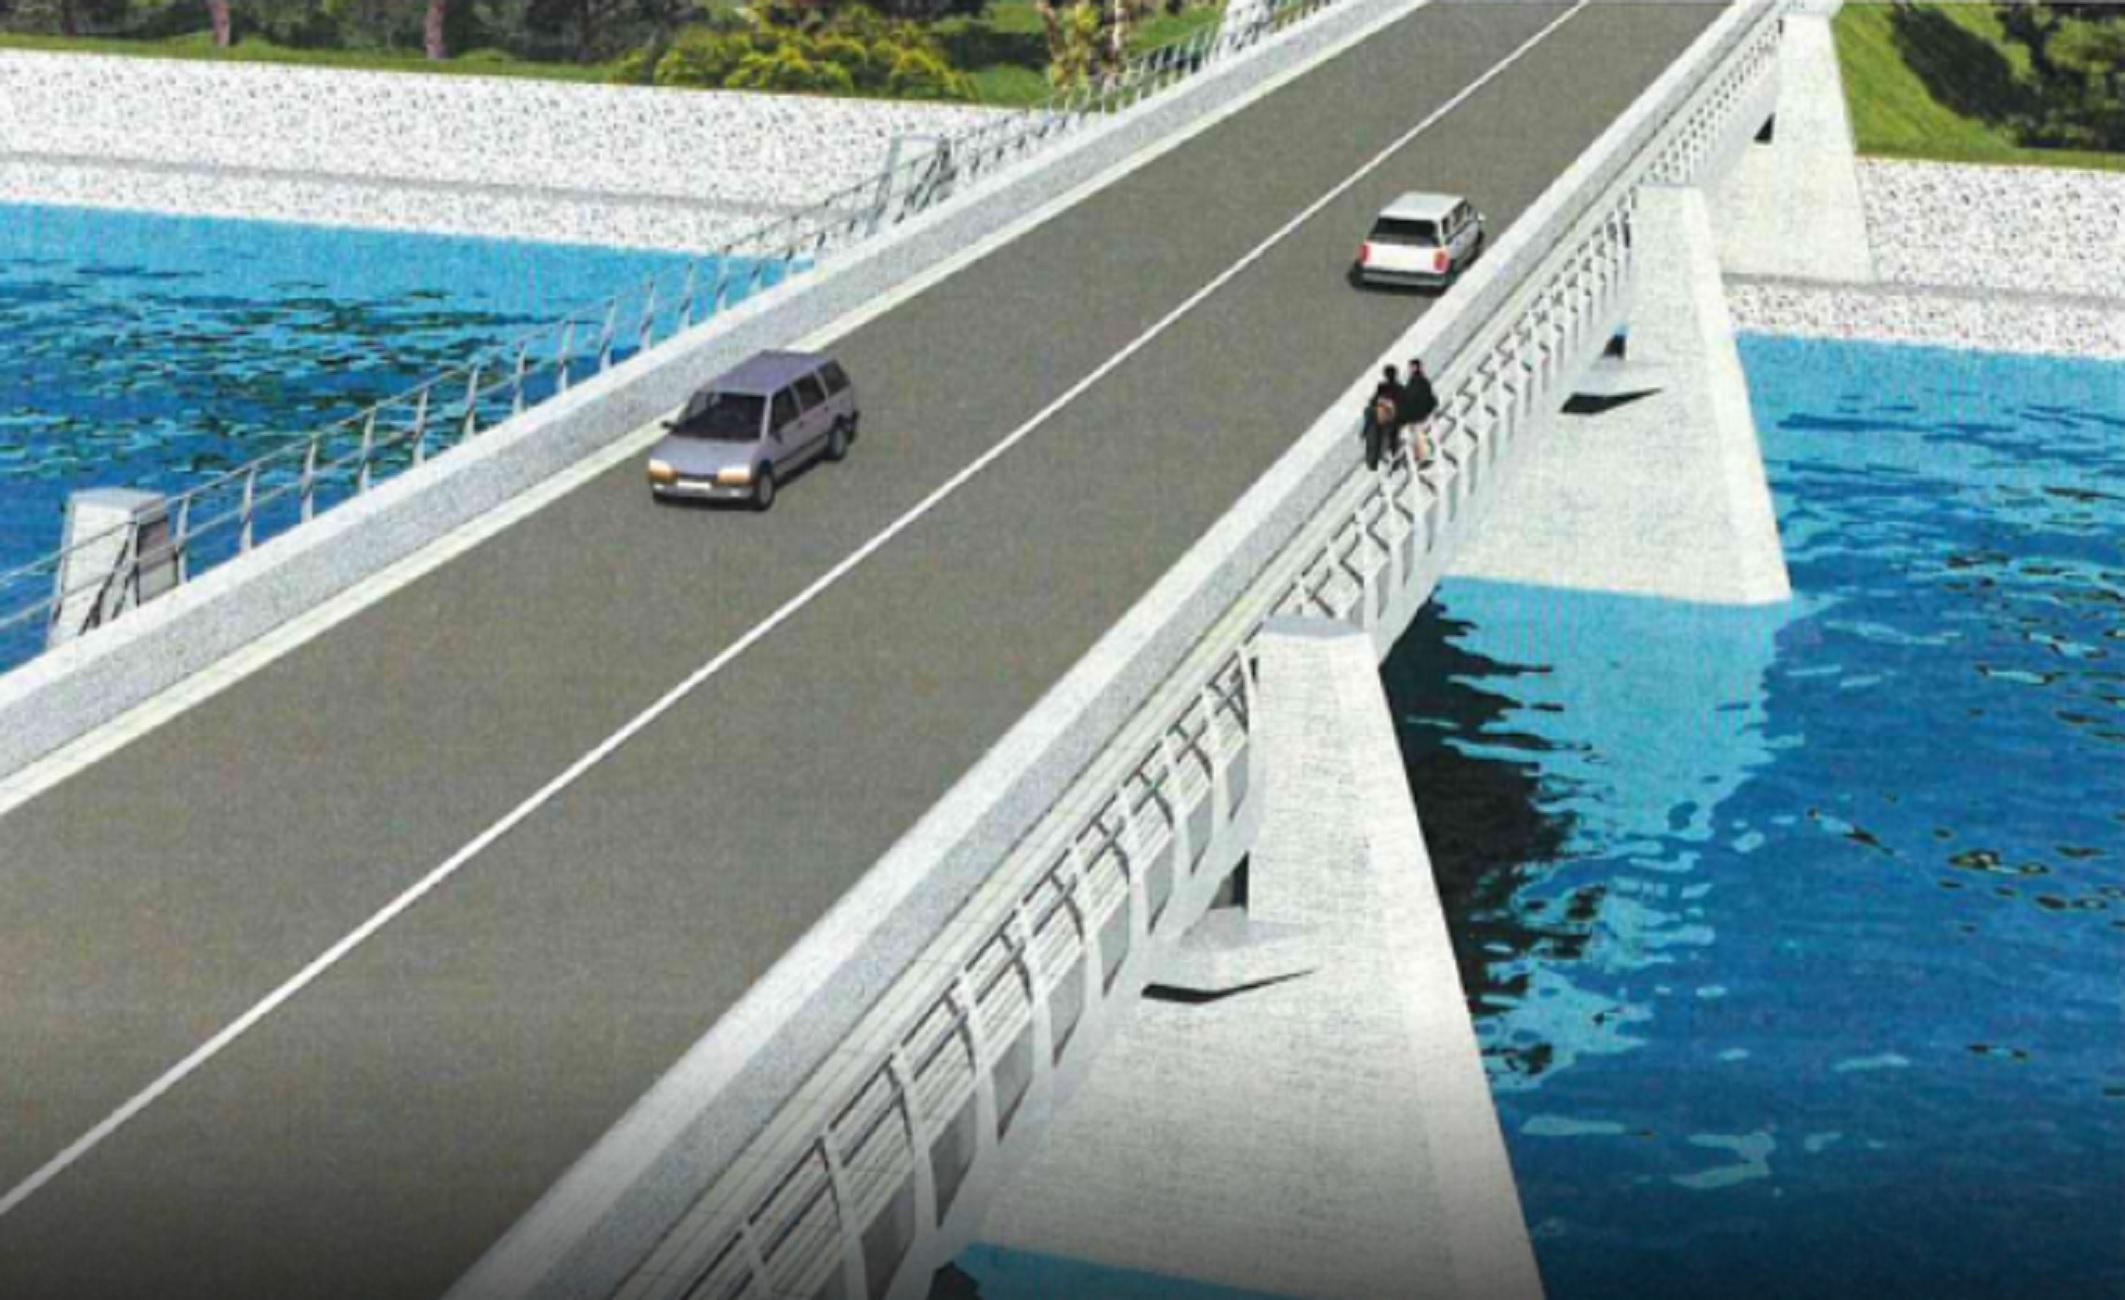 Κρήτη: Έτσι θα γίνει η νέα γέφυρα του Κερίτη – Στη δημοσιότητα τα σχέδια (pics)